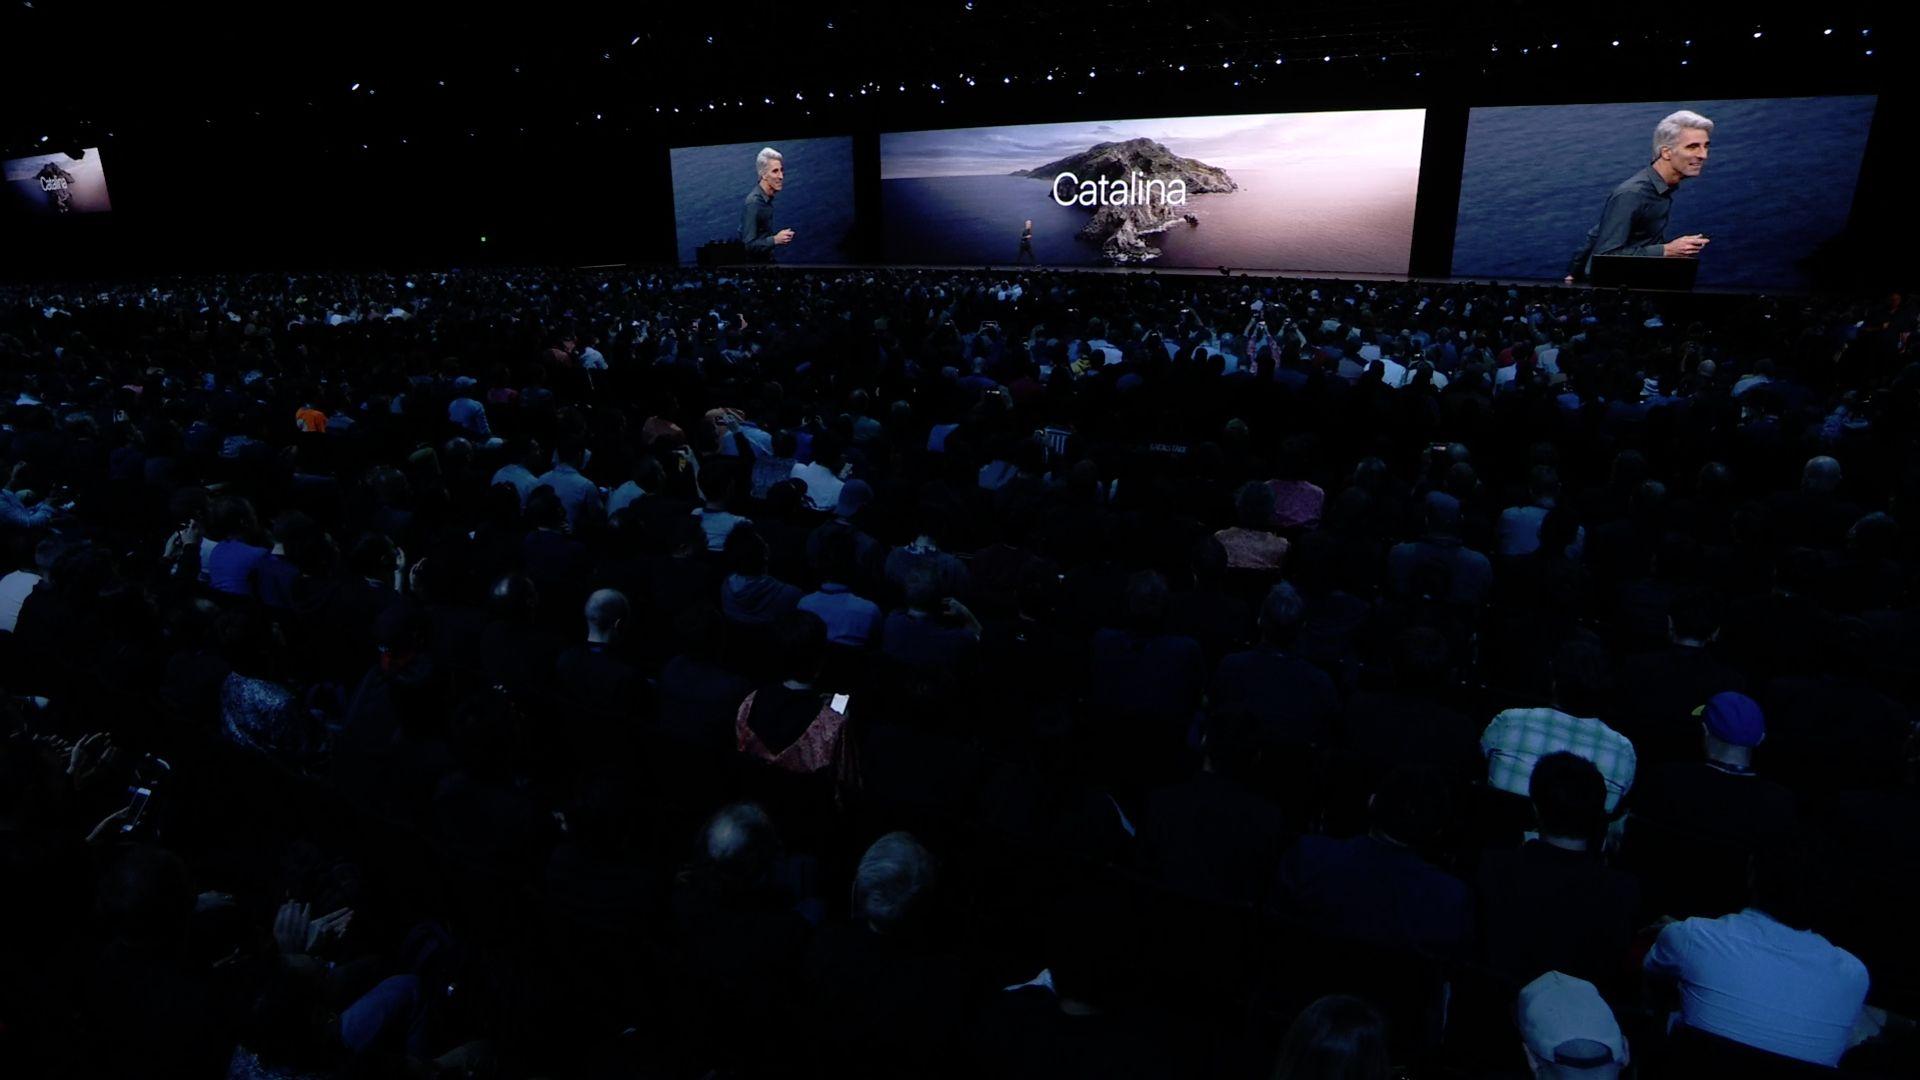 Firma Apple pokazała nowy system macOS 10.15 Catalina